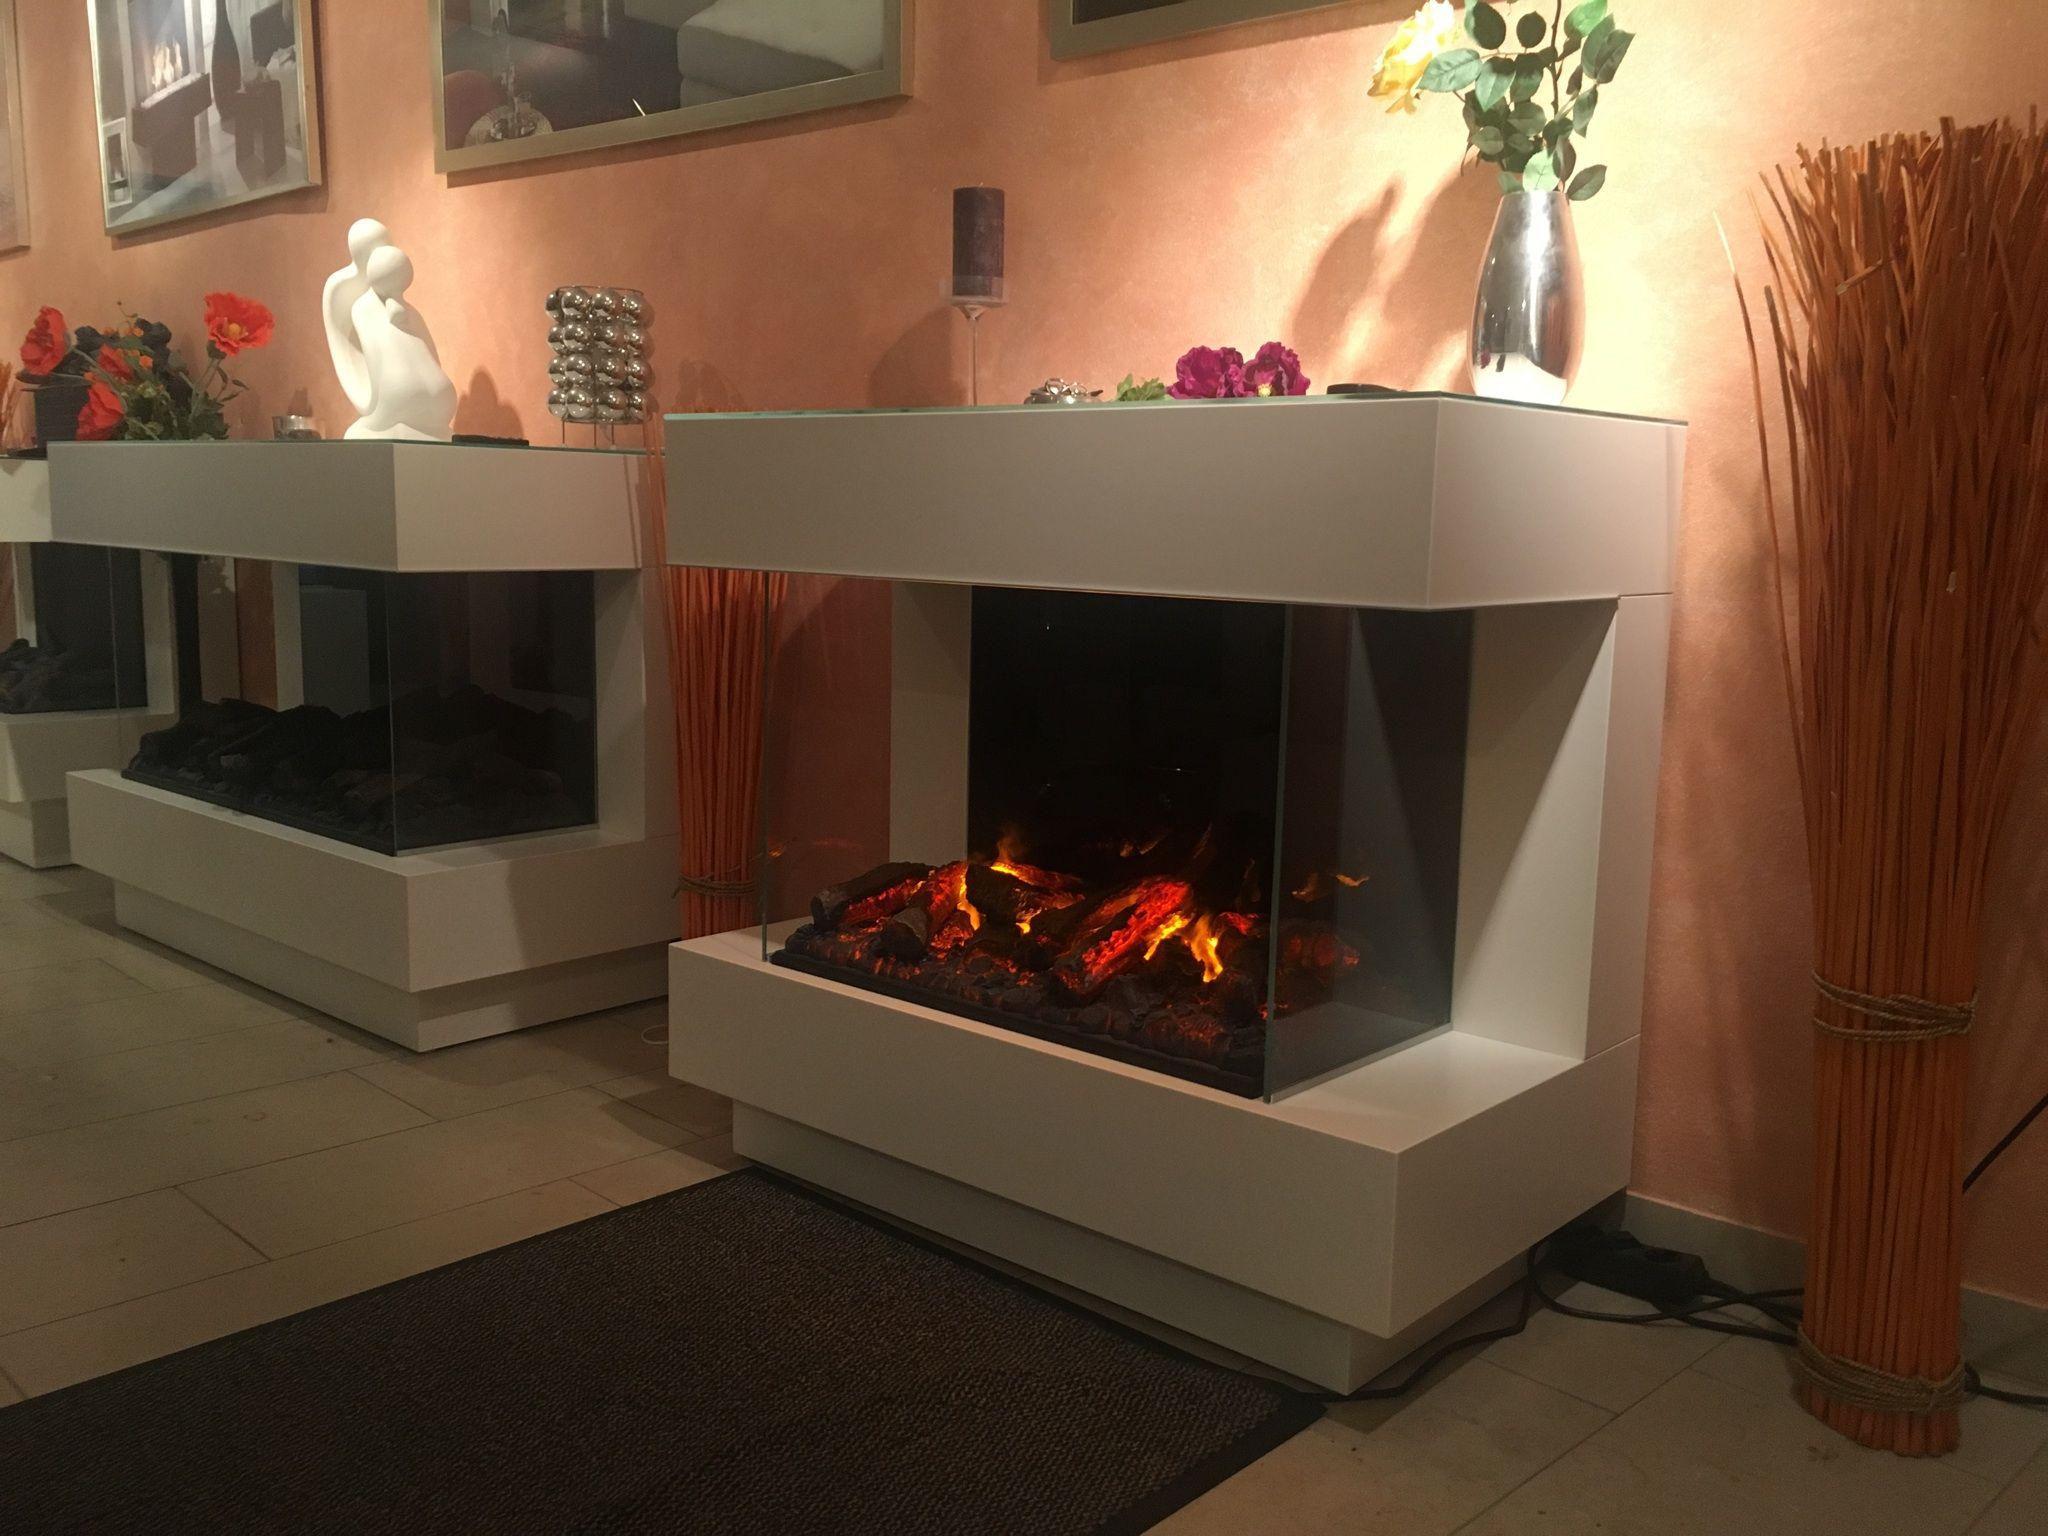 elektrokamin concept 4l elektrischer kamin mit opti myst effektfeuer von. Black Bedroom Furniture Sets. Home Design Ideas